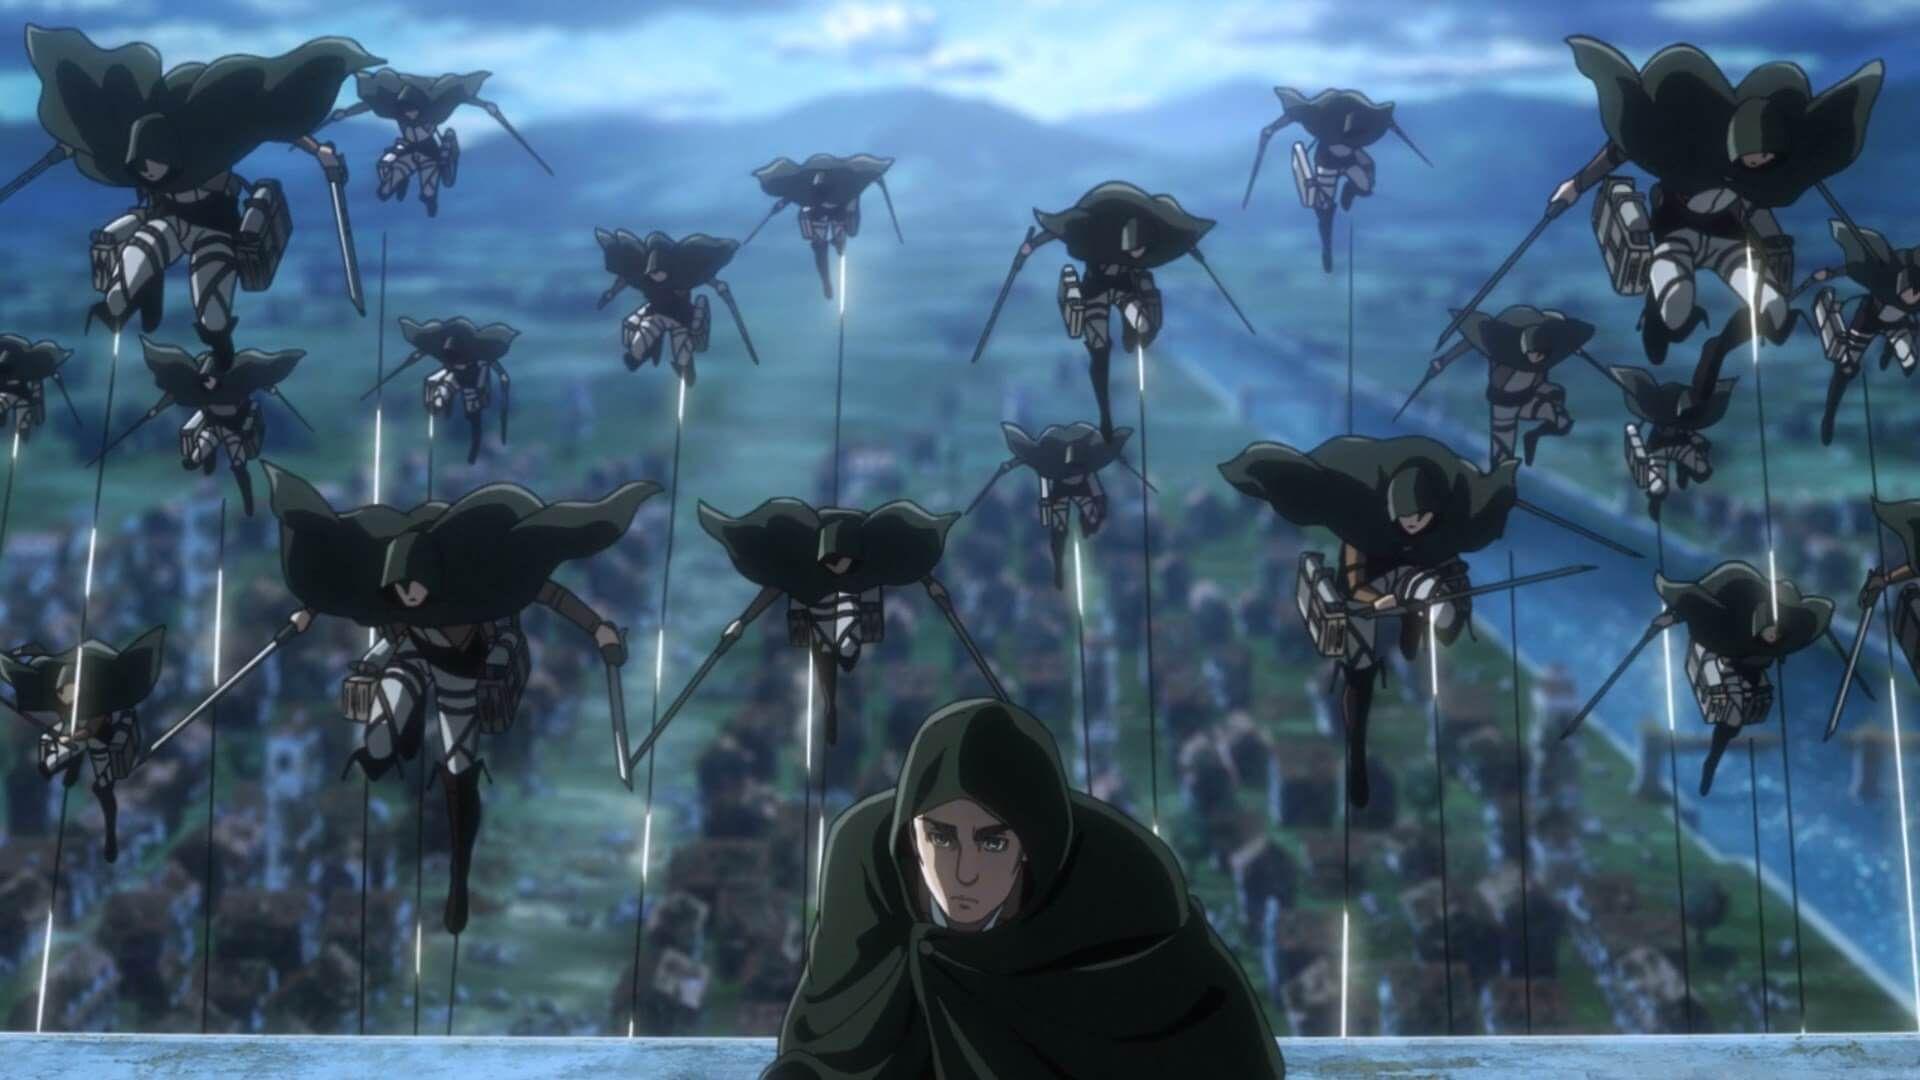 Shingeki No Kyojin 3 Attack On Titan Parte 2 Resenha Meta Galaxia Attack On Titan Attack On Titan Anime Attack On Titan Aesthetic